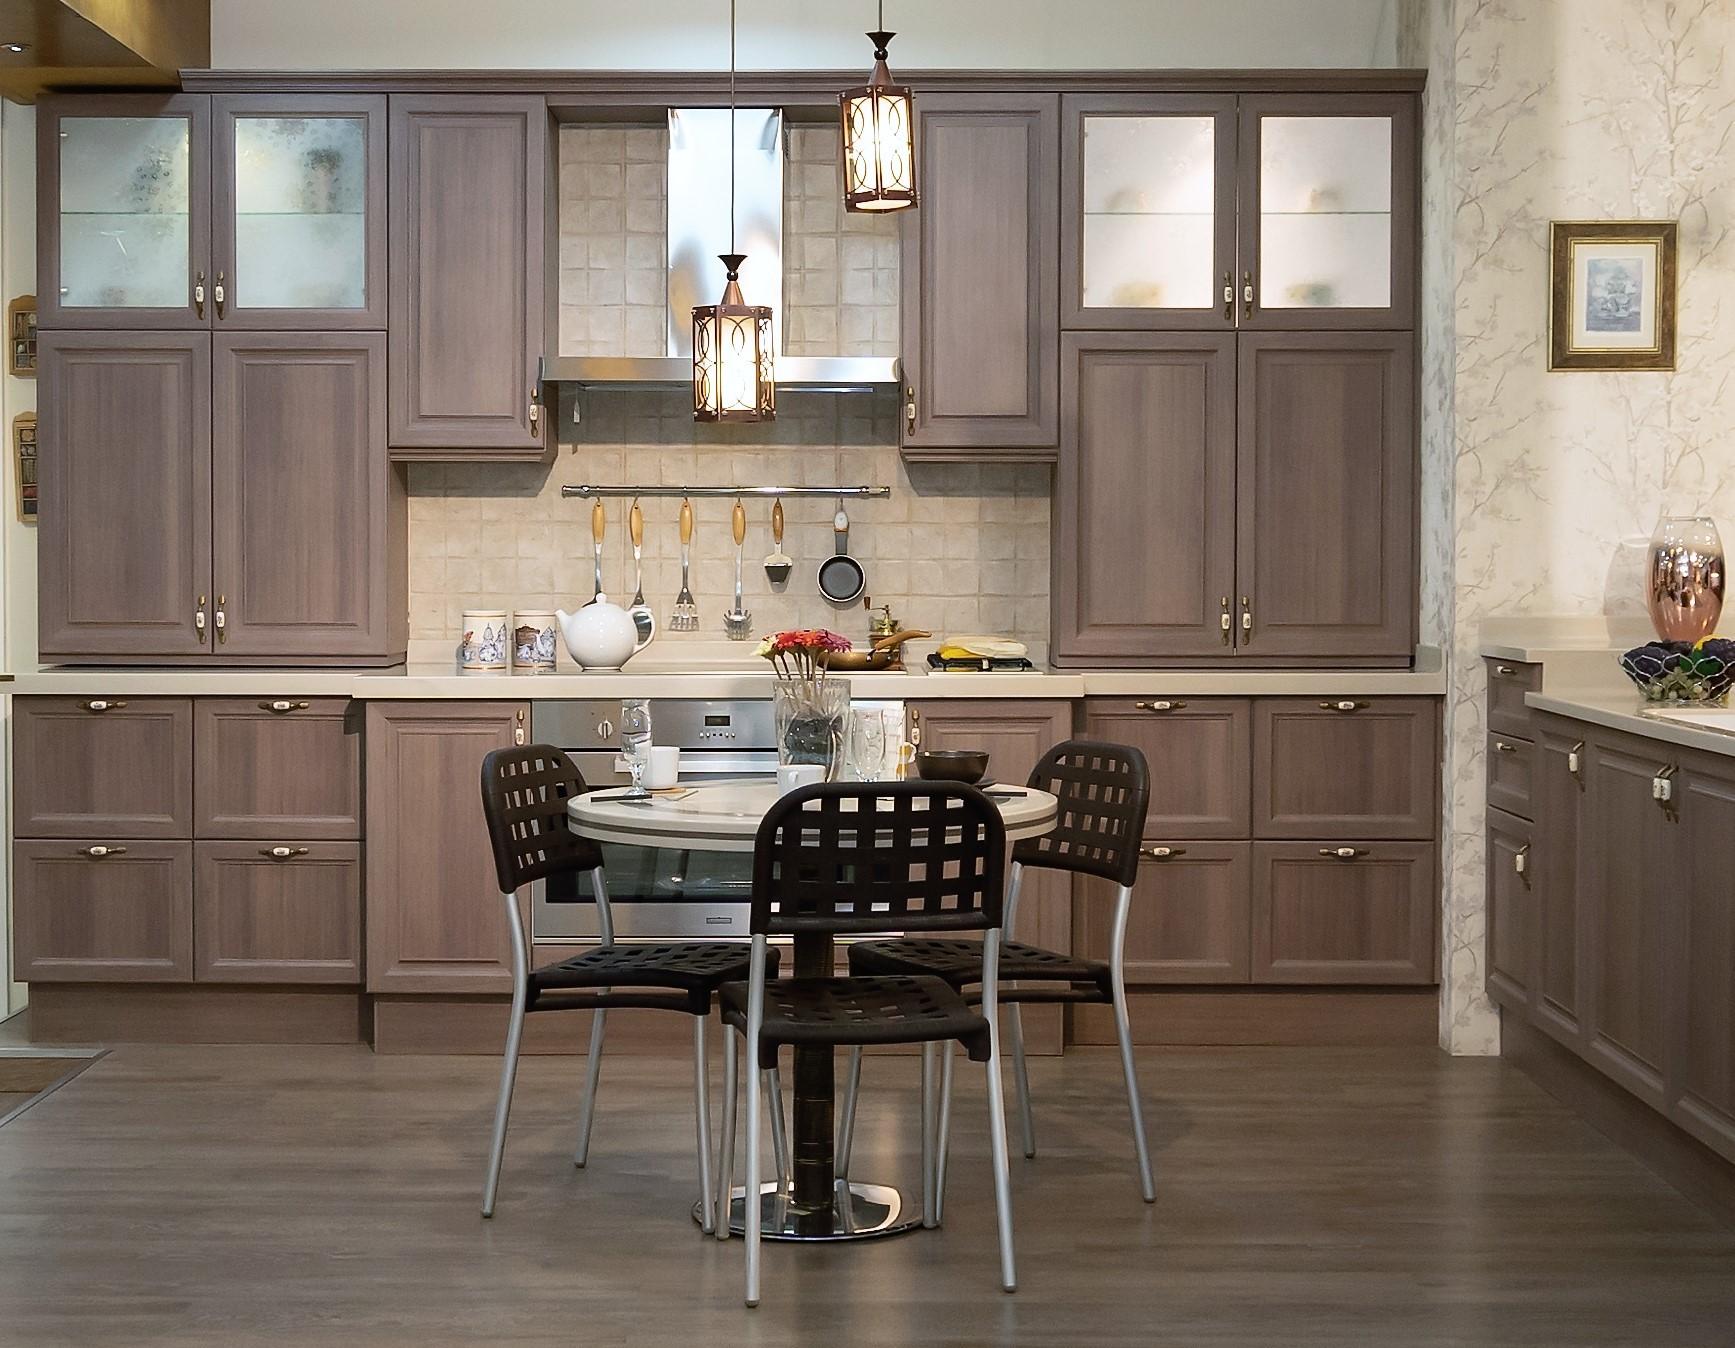 Alfarsi Aluminum kitchens